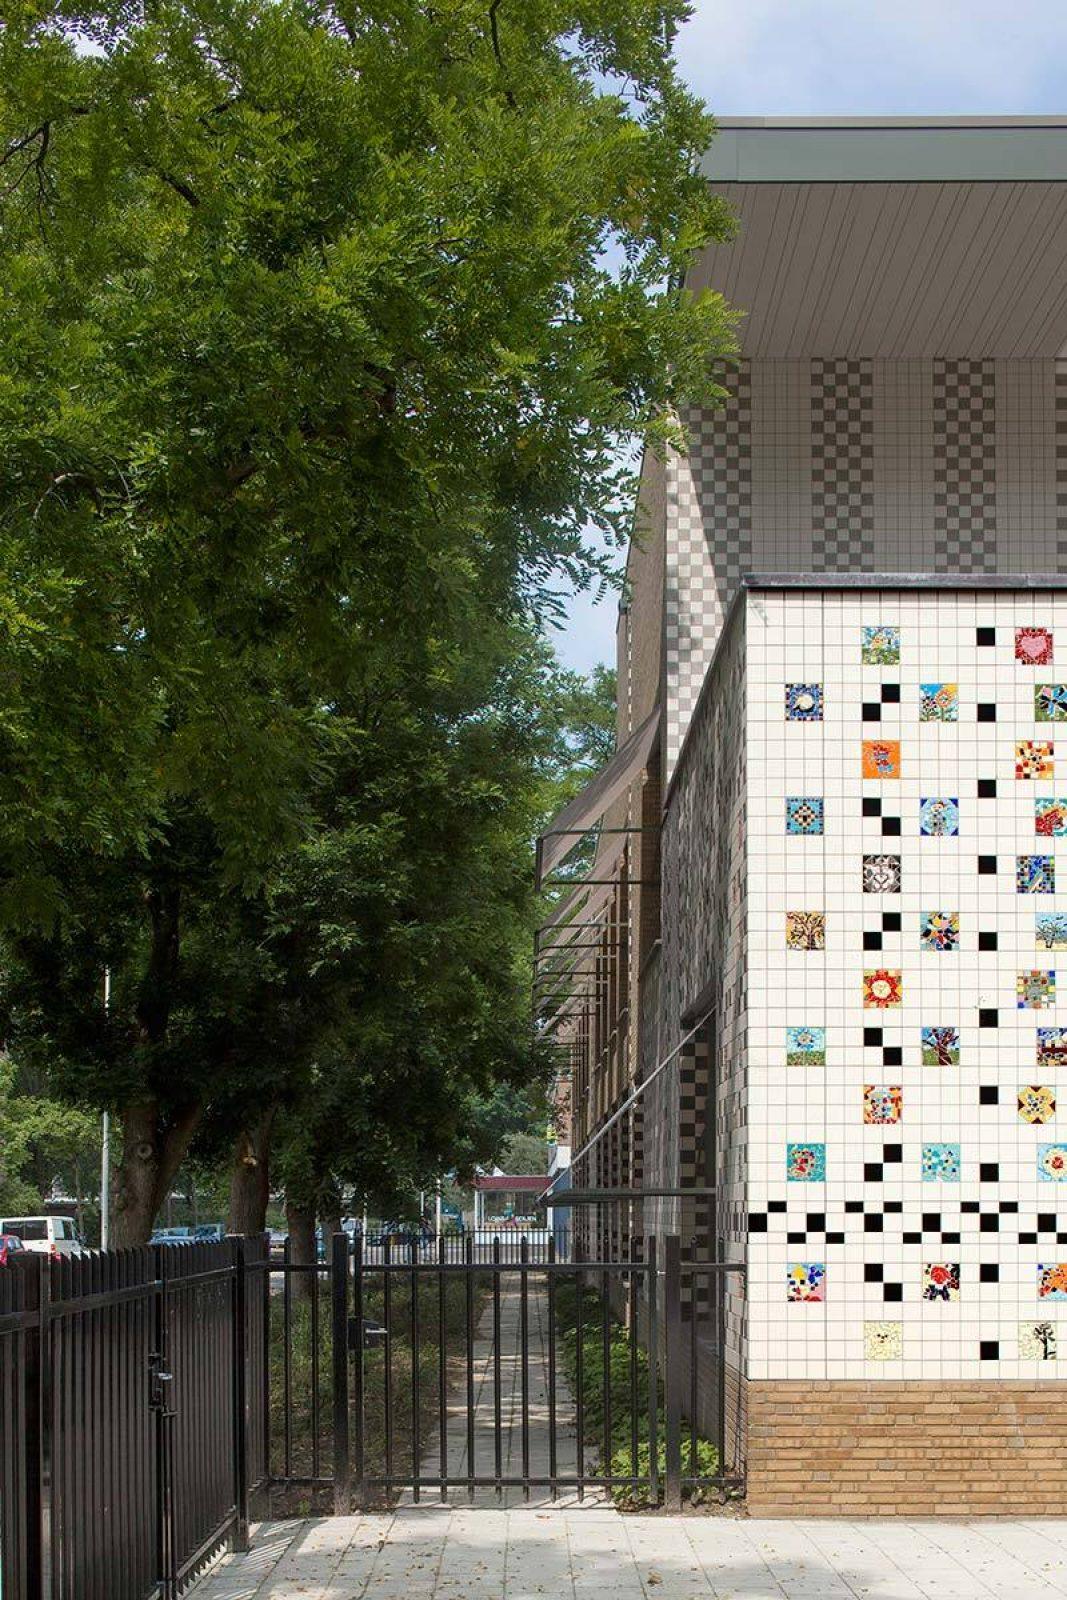 Aj Schreuderschool Side Tiles